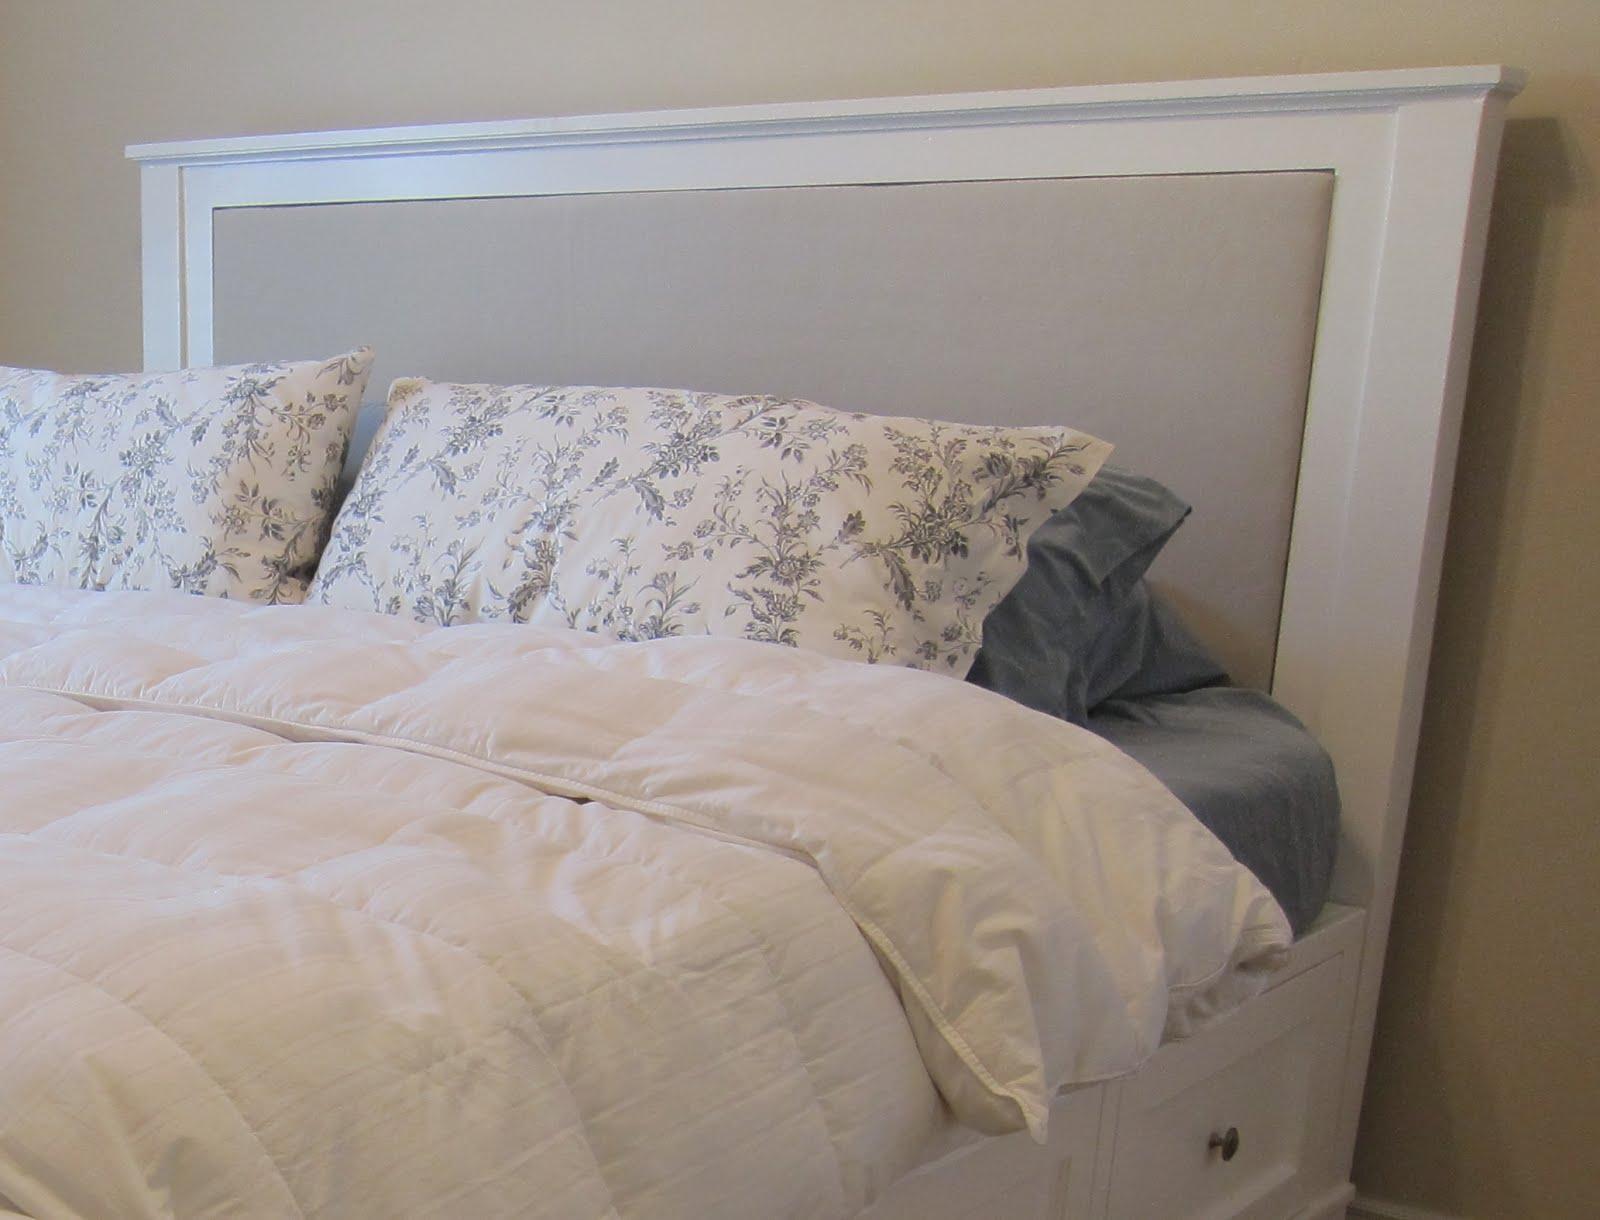 Diy King Size Bed Frame Part 4